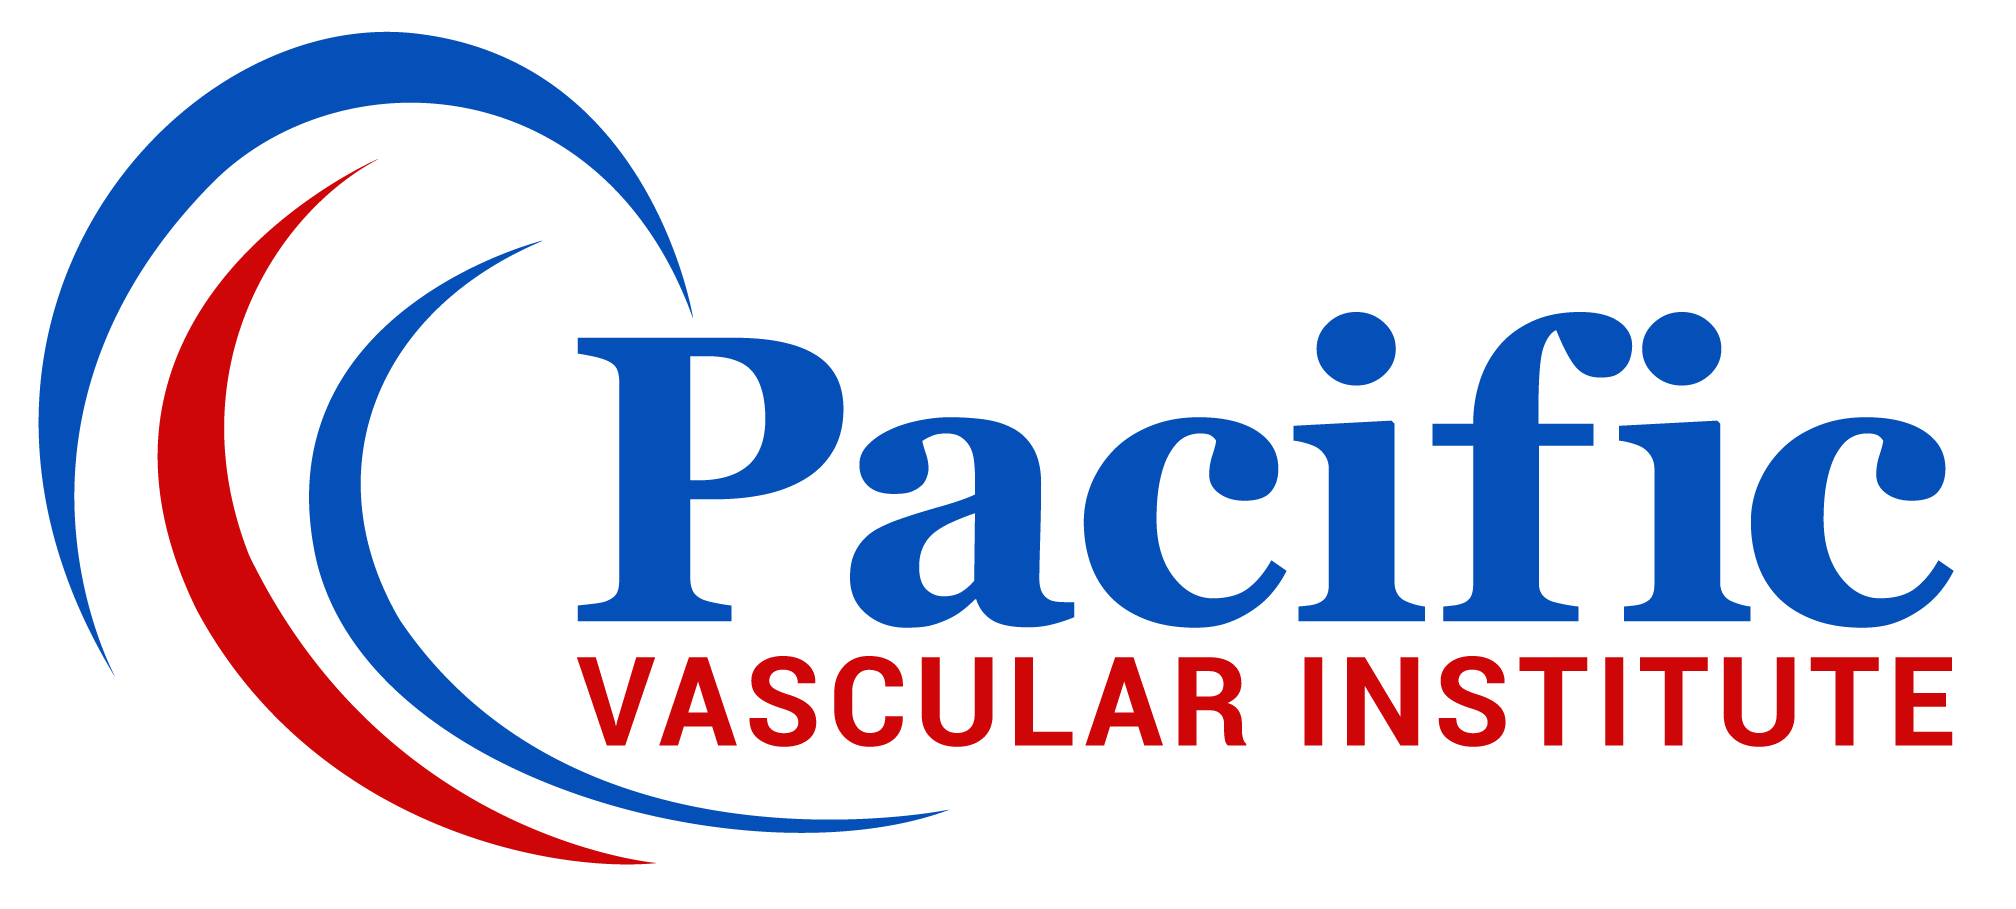 Pacific Vascular Institute